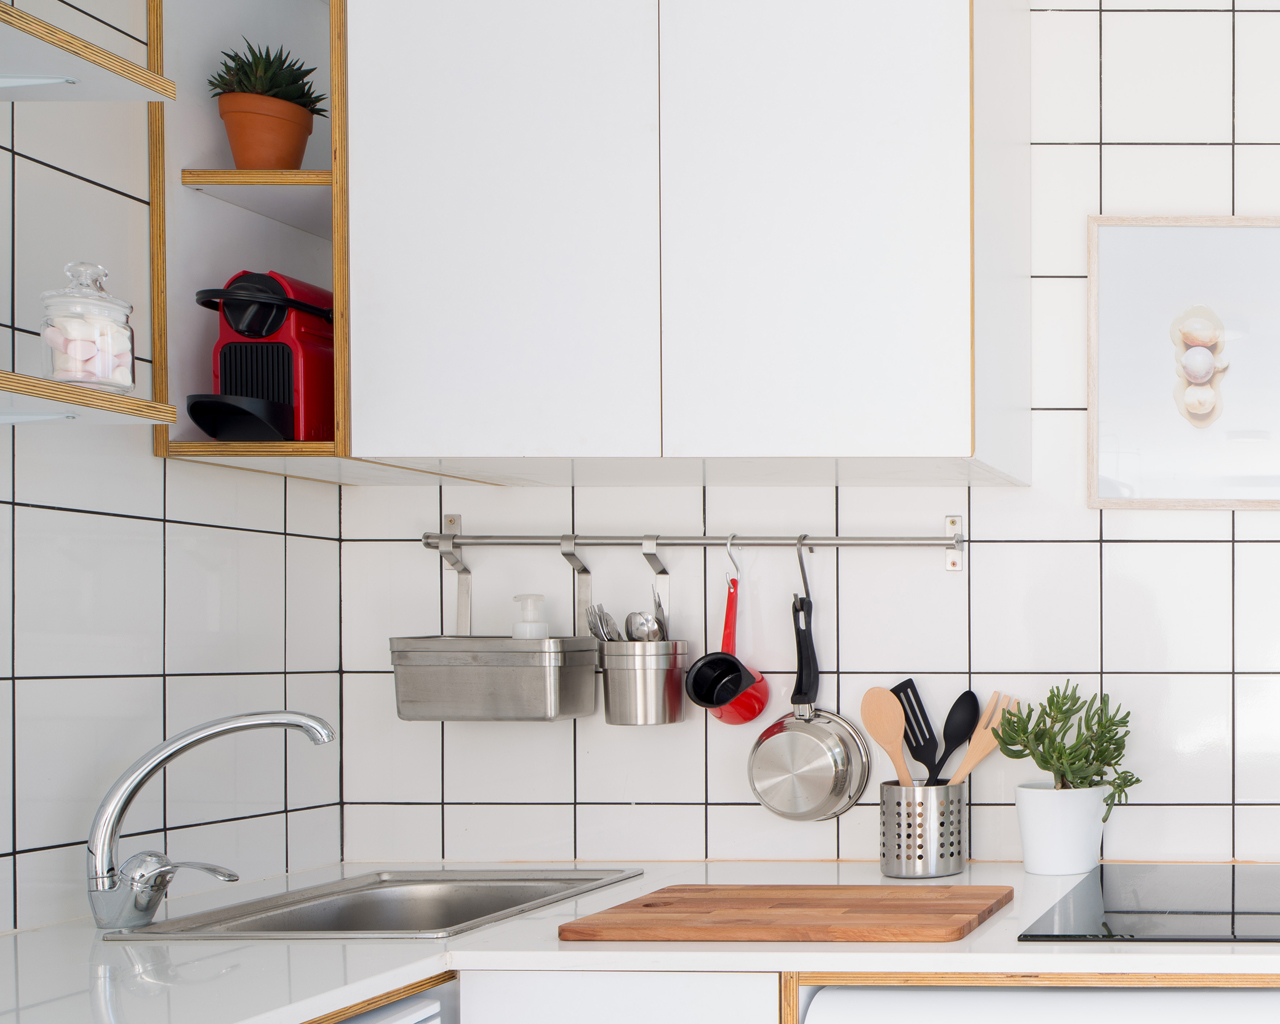 bếp ốp gạch vuông màu trắng